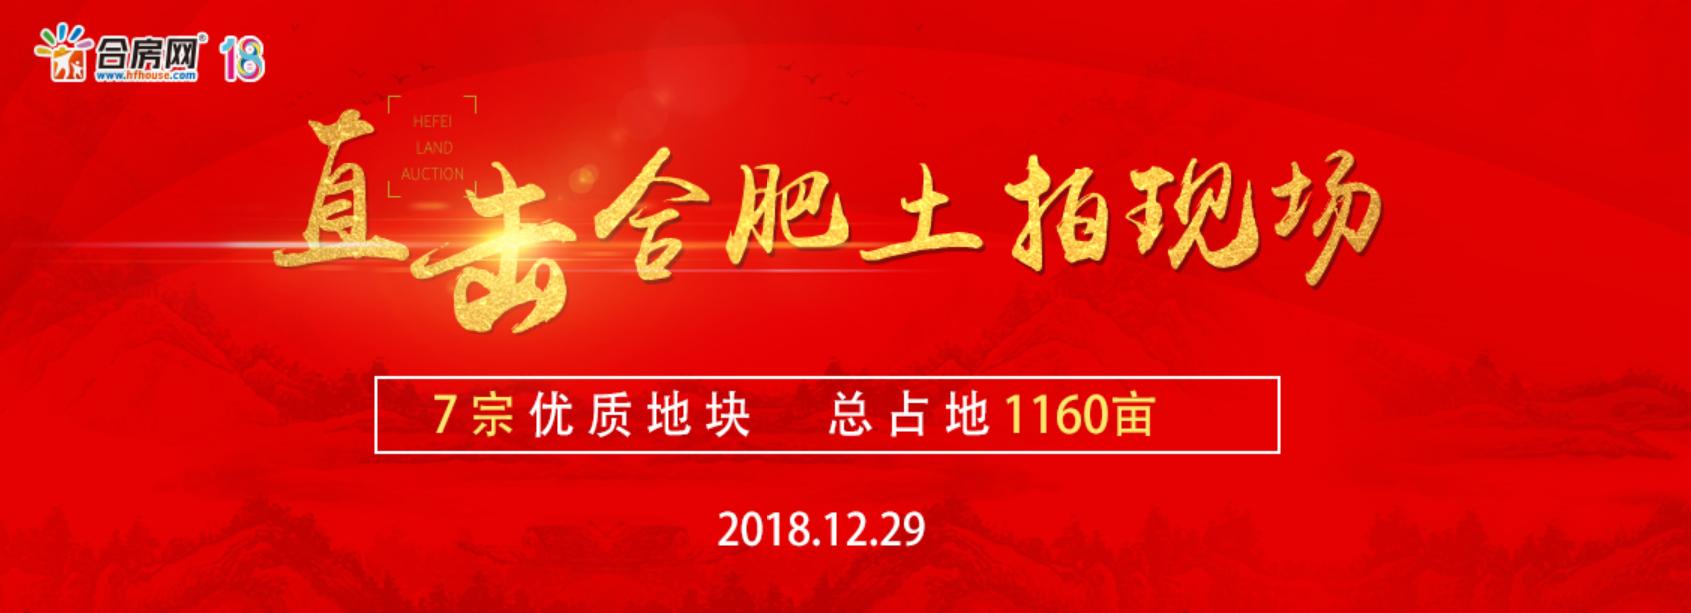 实录 | 合肥今日土拍成交6宗地,土市揽金24.28亿元!